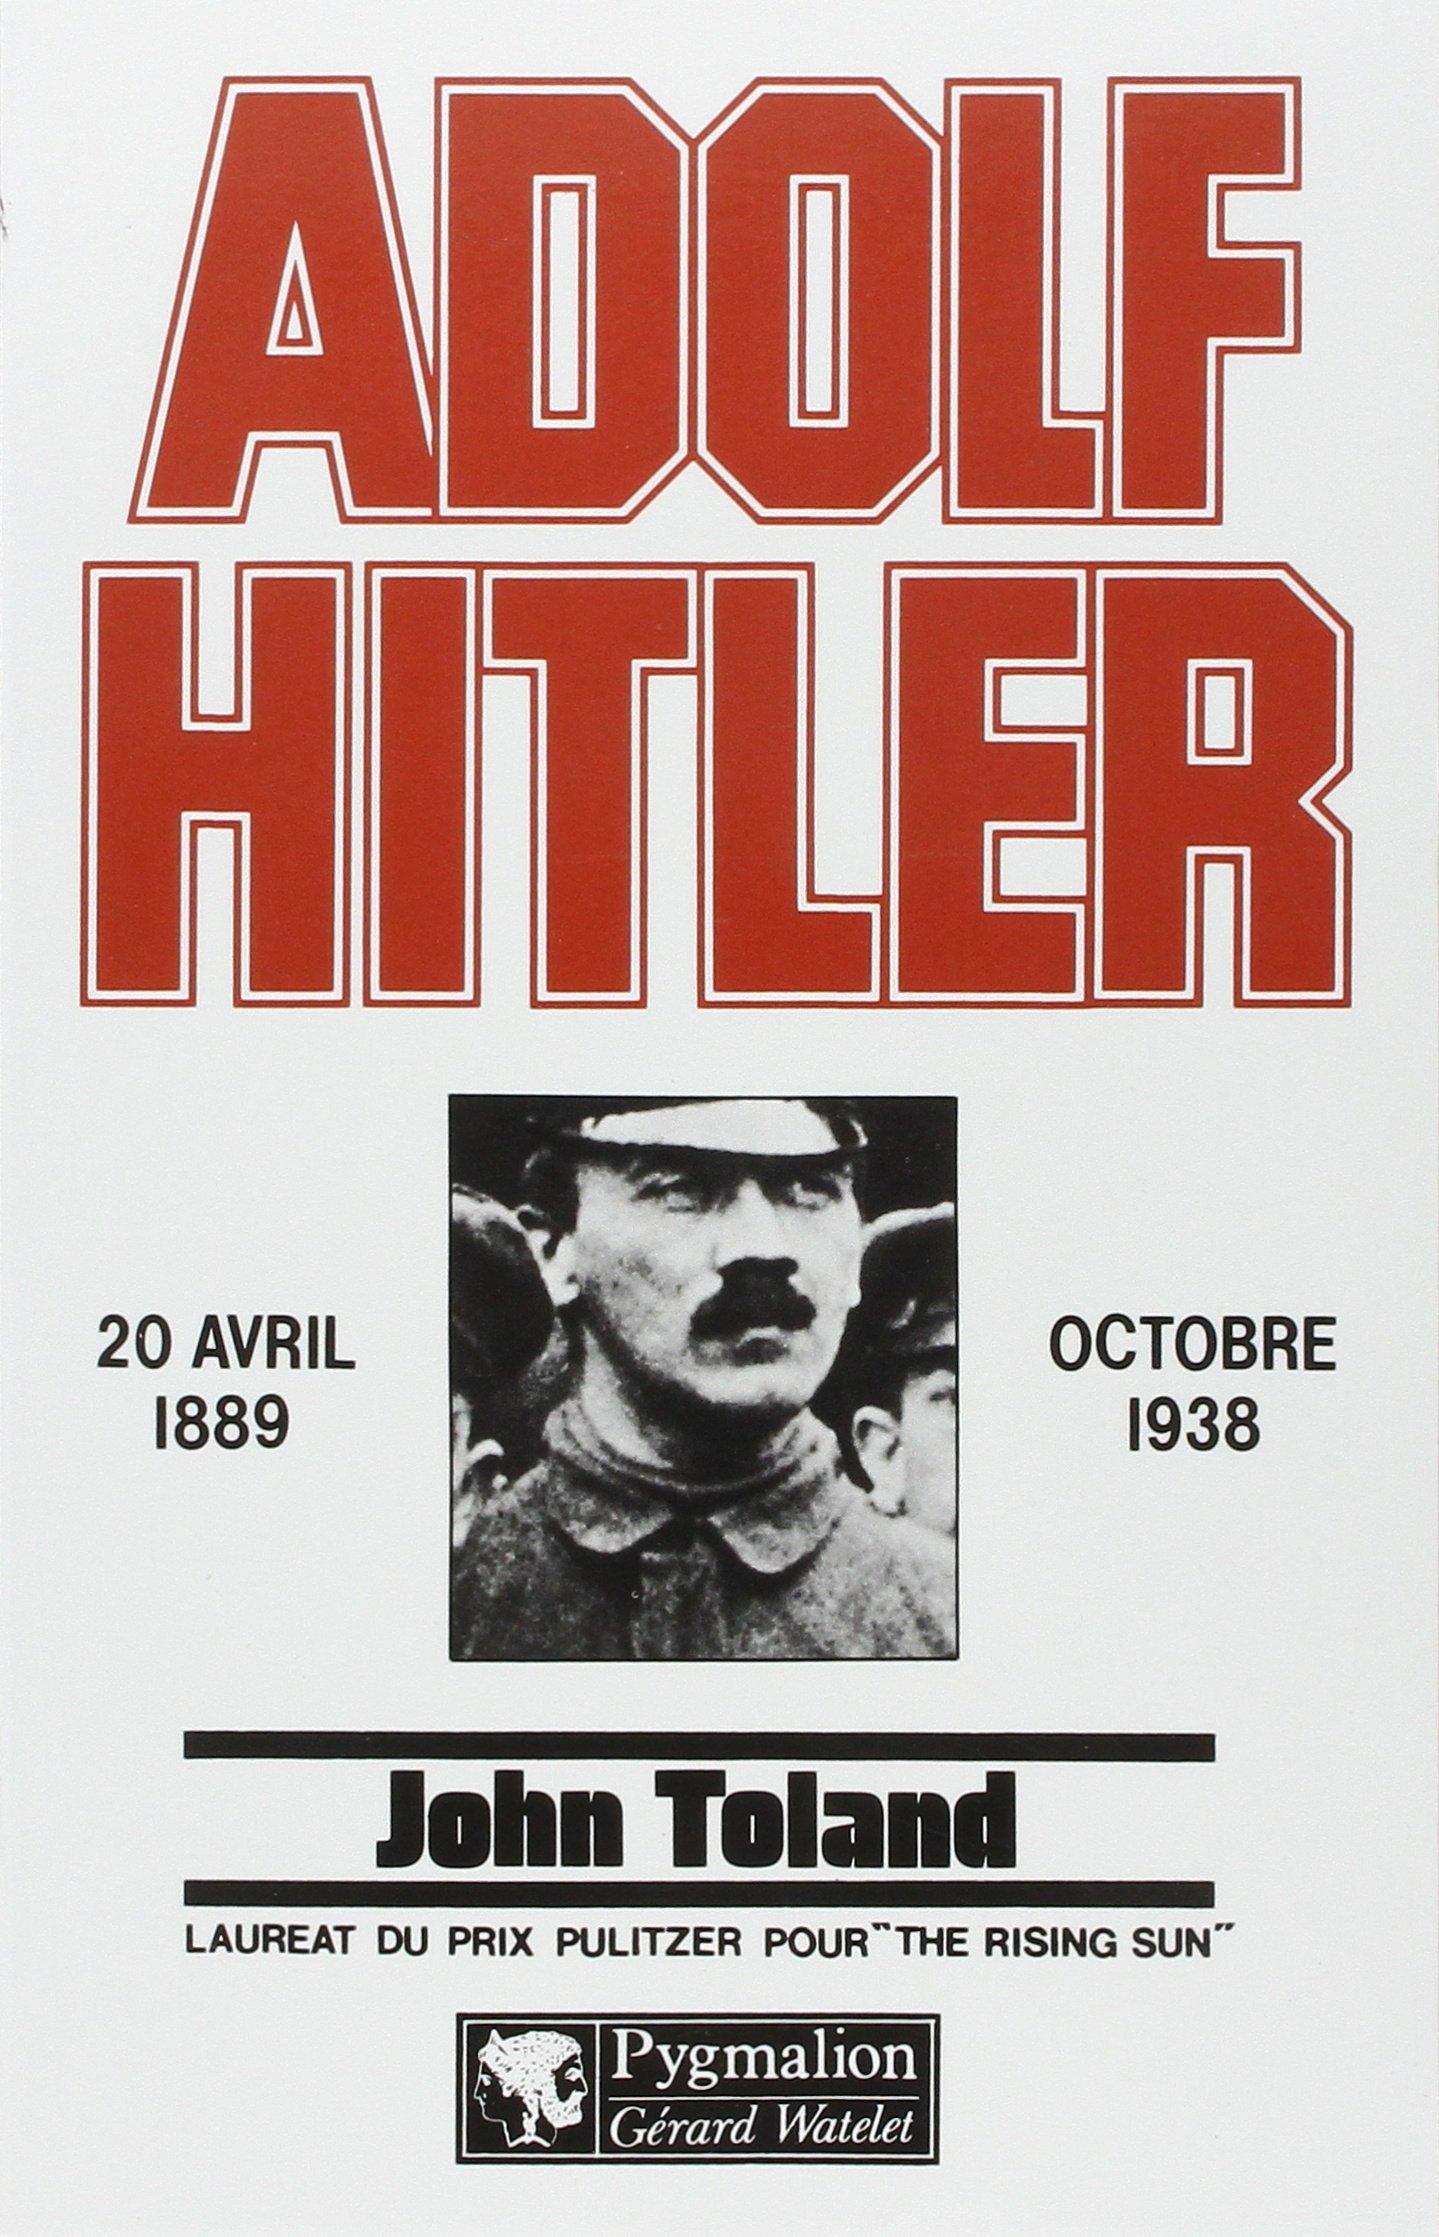 Livres Hitler Toland John Toland Hitler Adolf Livres Adolf John NkX80nwOP